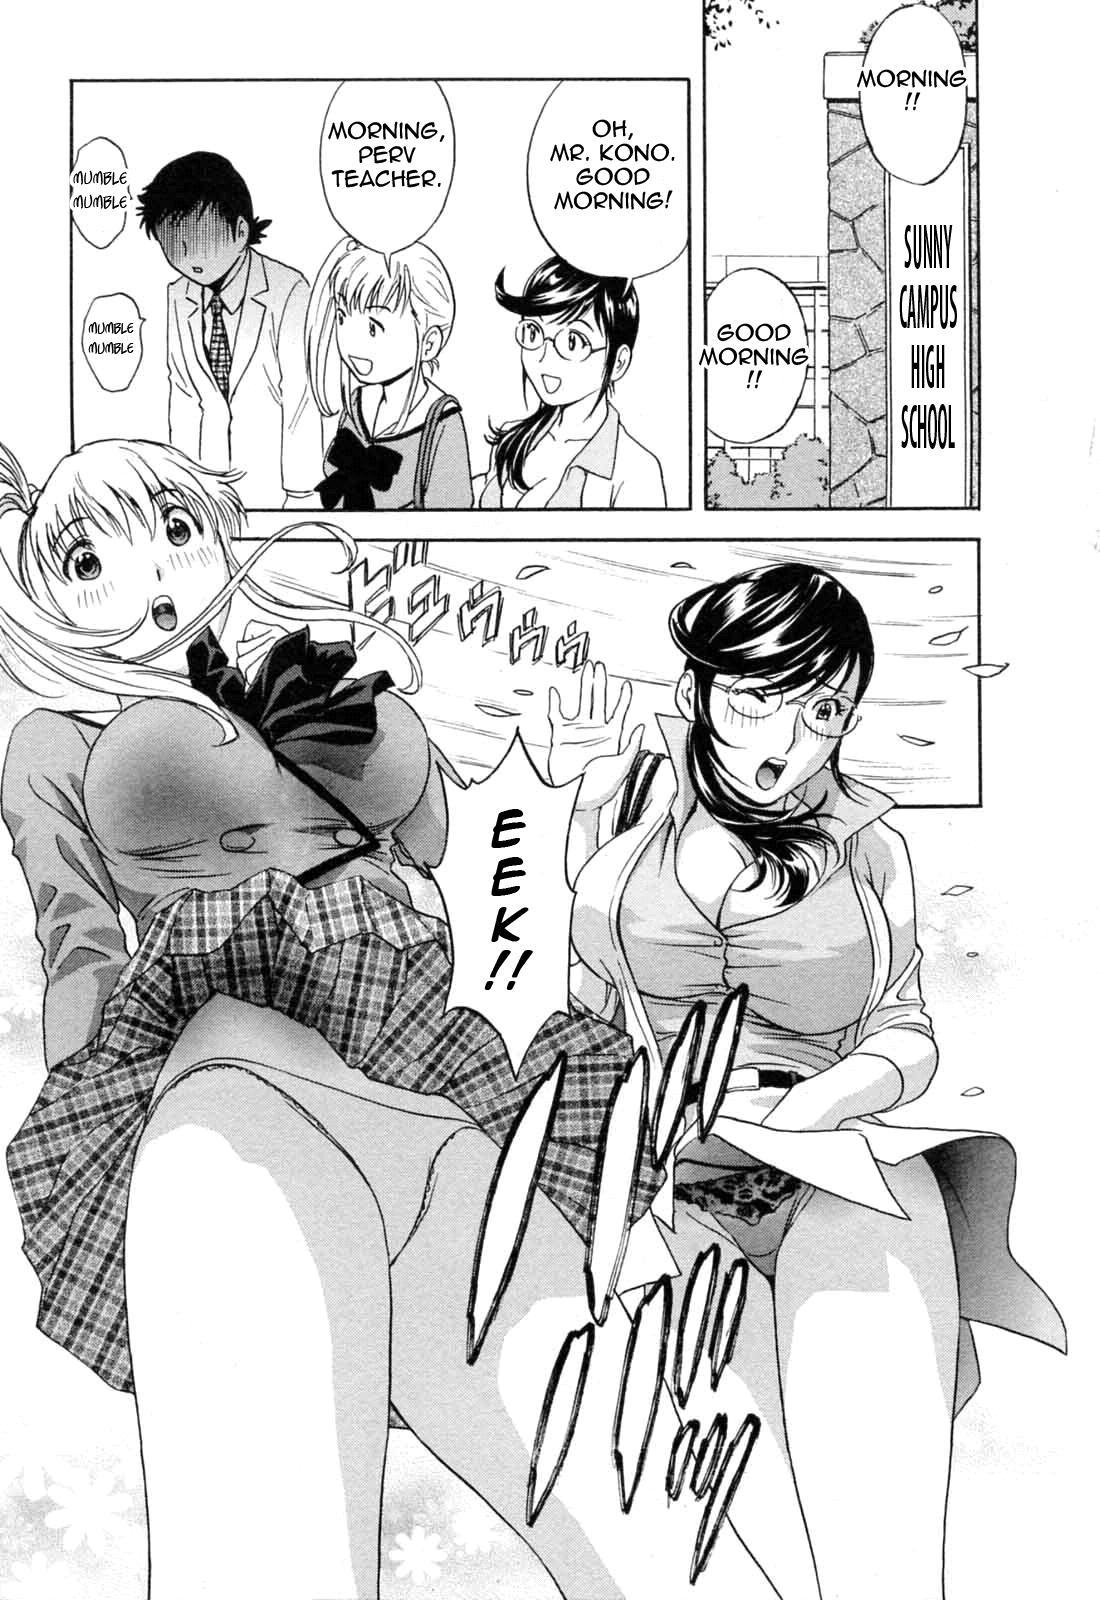 [Hidemaru] Mo-Retsu! Boin Sensei (Boing Boing Teacher) Vol.5 [English] [4dawgz] [Tadanohito] 94